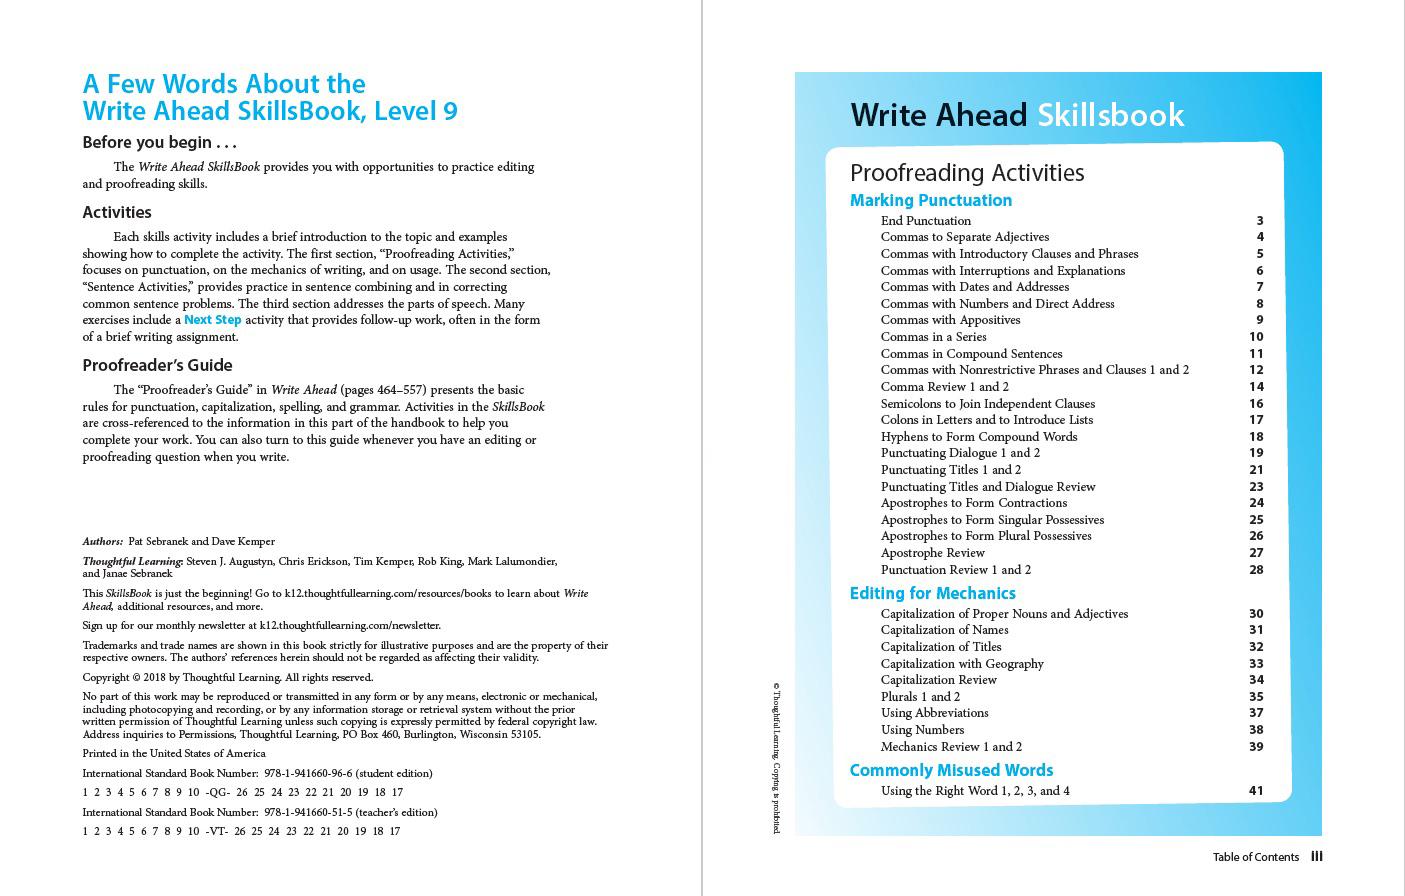 Write Ahead SkillsBook Grade 9 Page ii